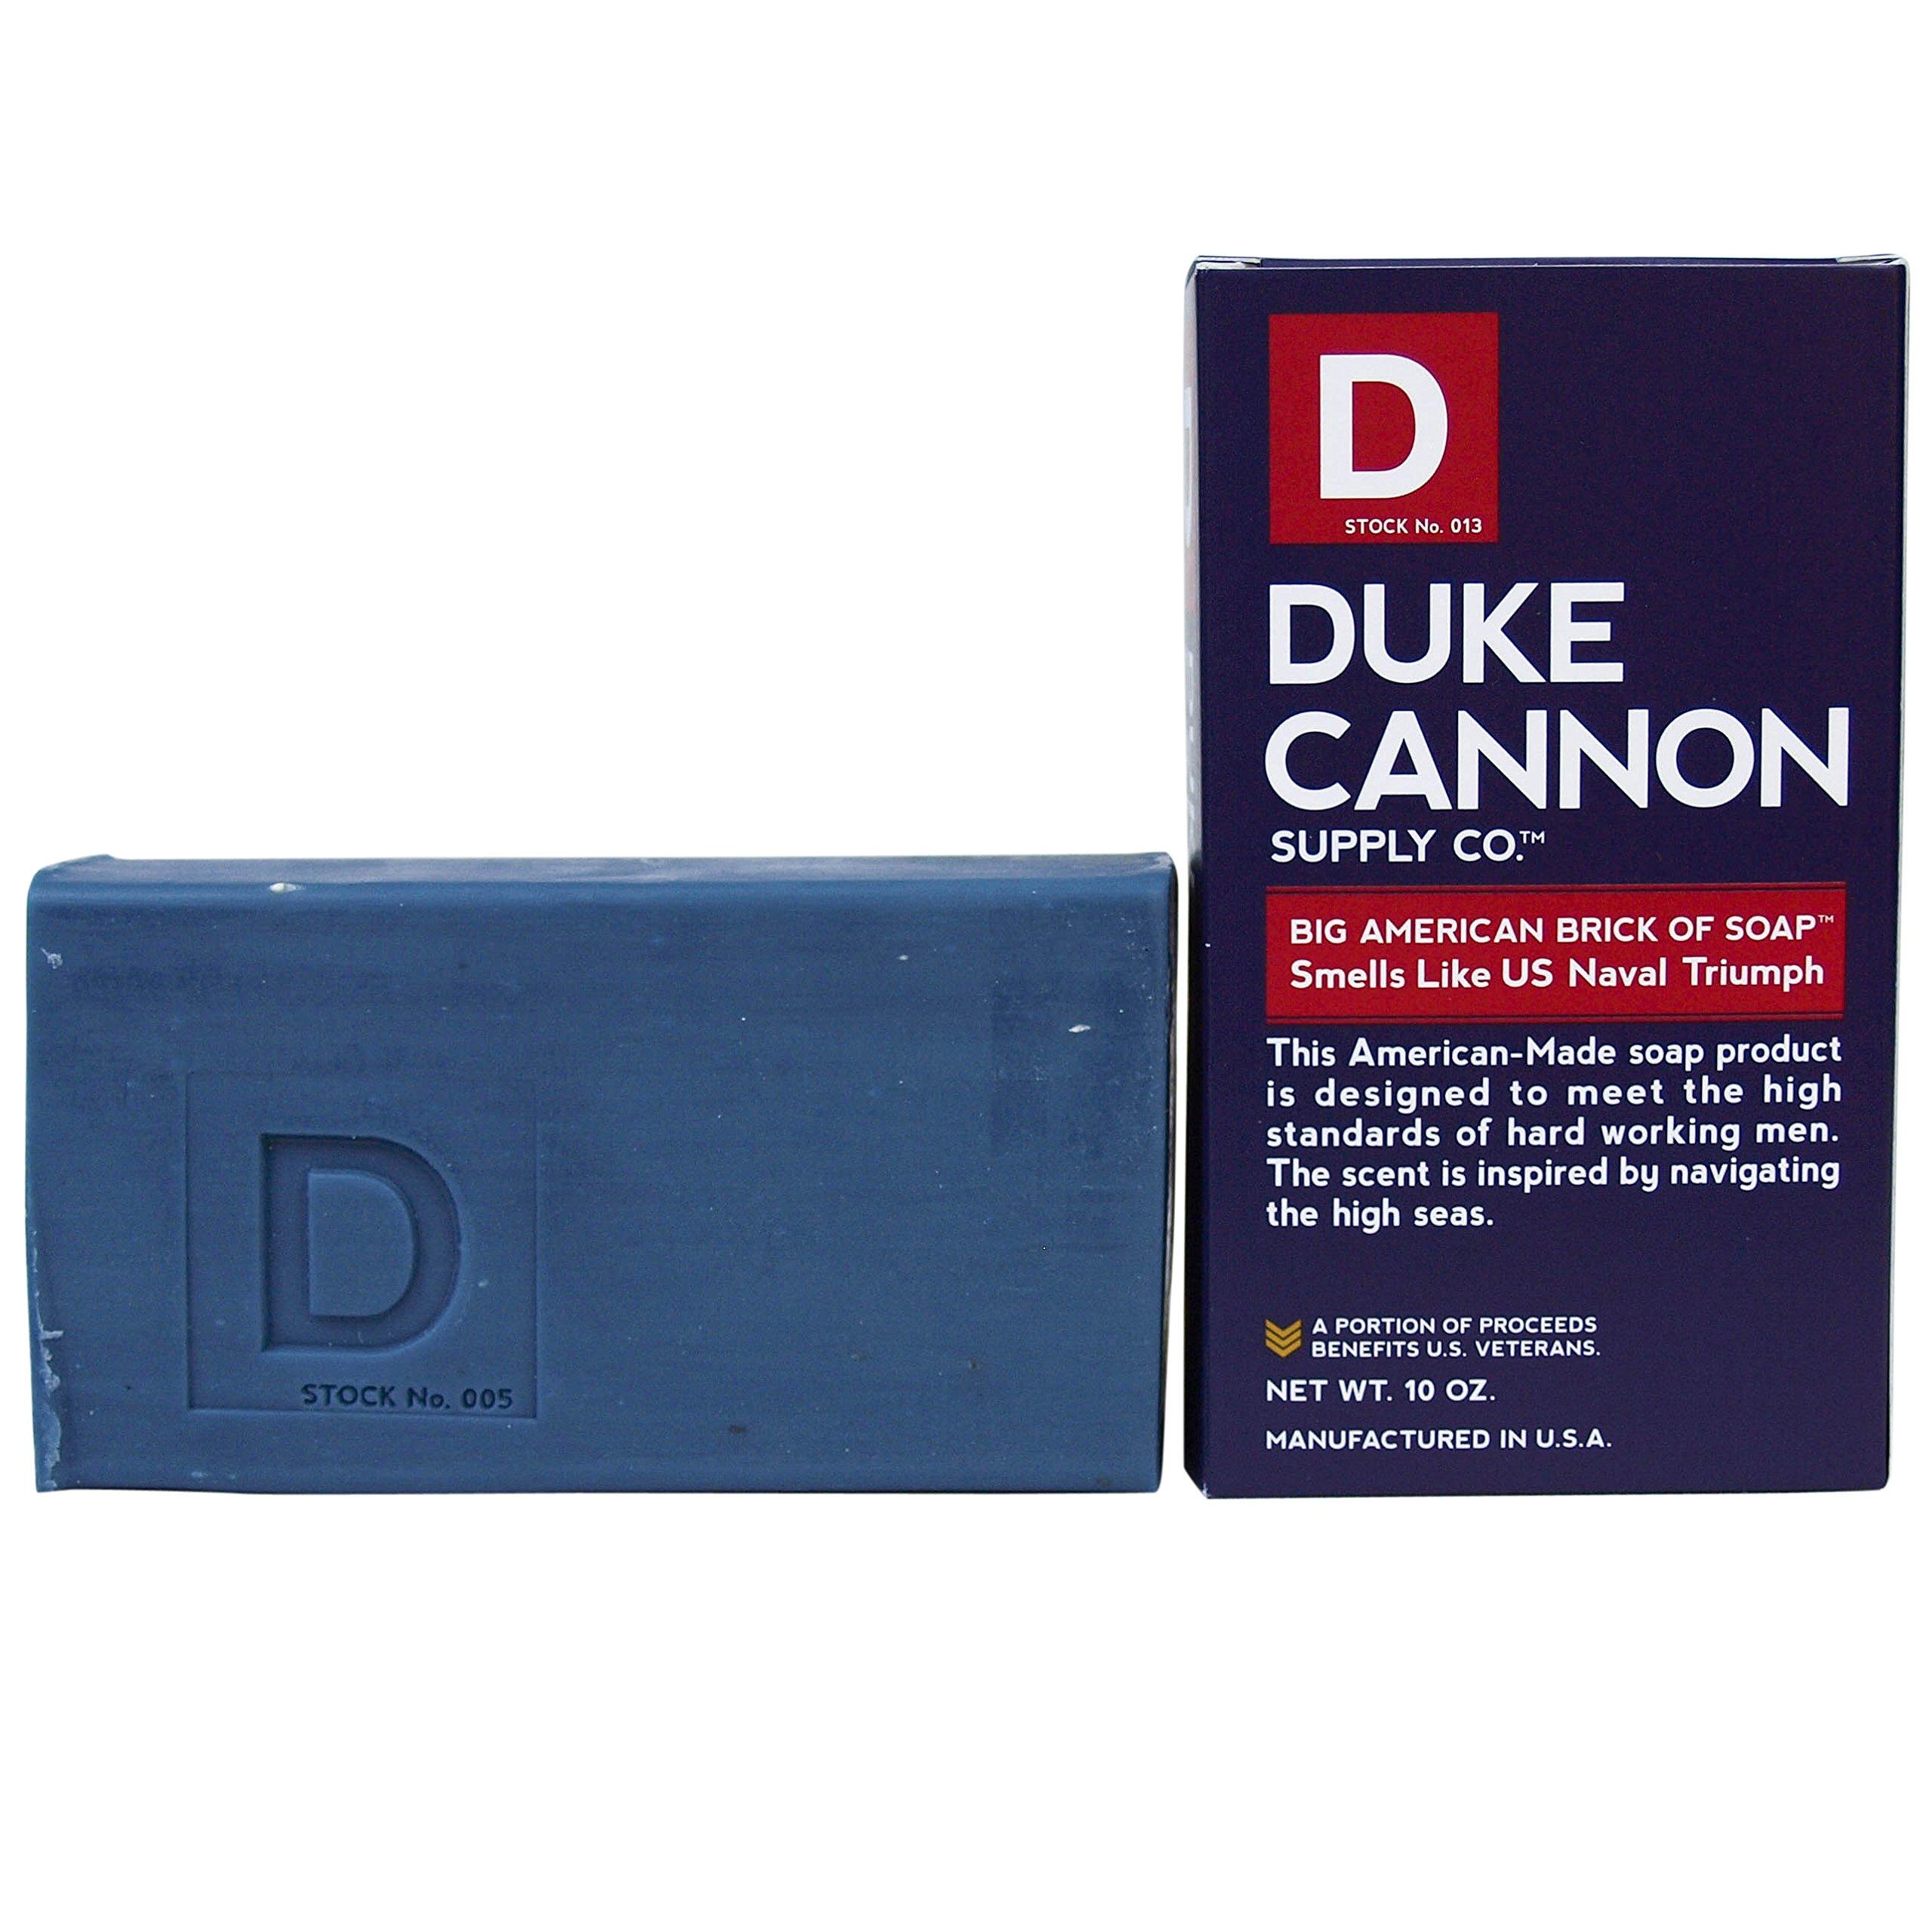 Duke Cannon Men's Bar Soap - 10oz. Big American Brick Of Soap By Duke Cannon - Naval Triumph